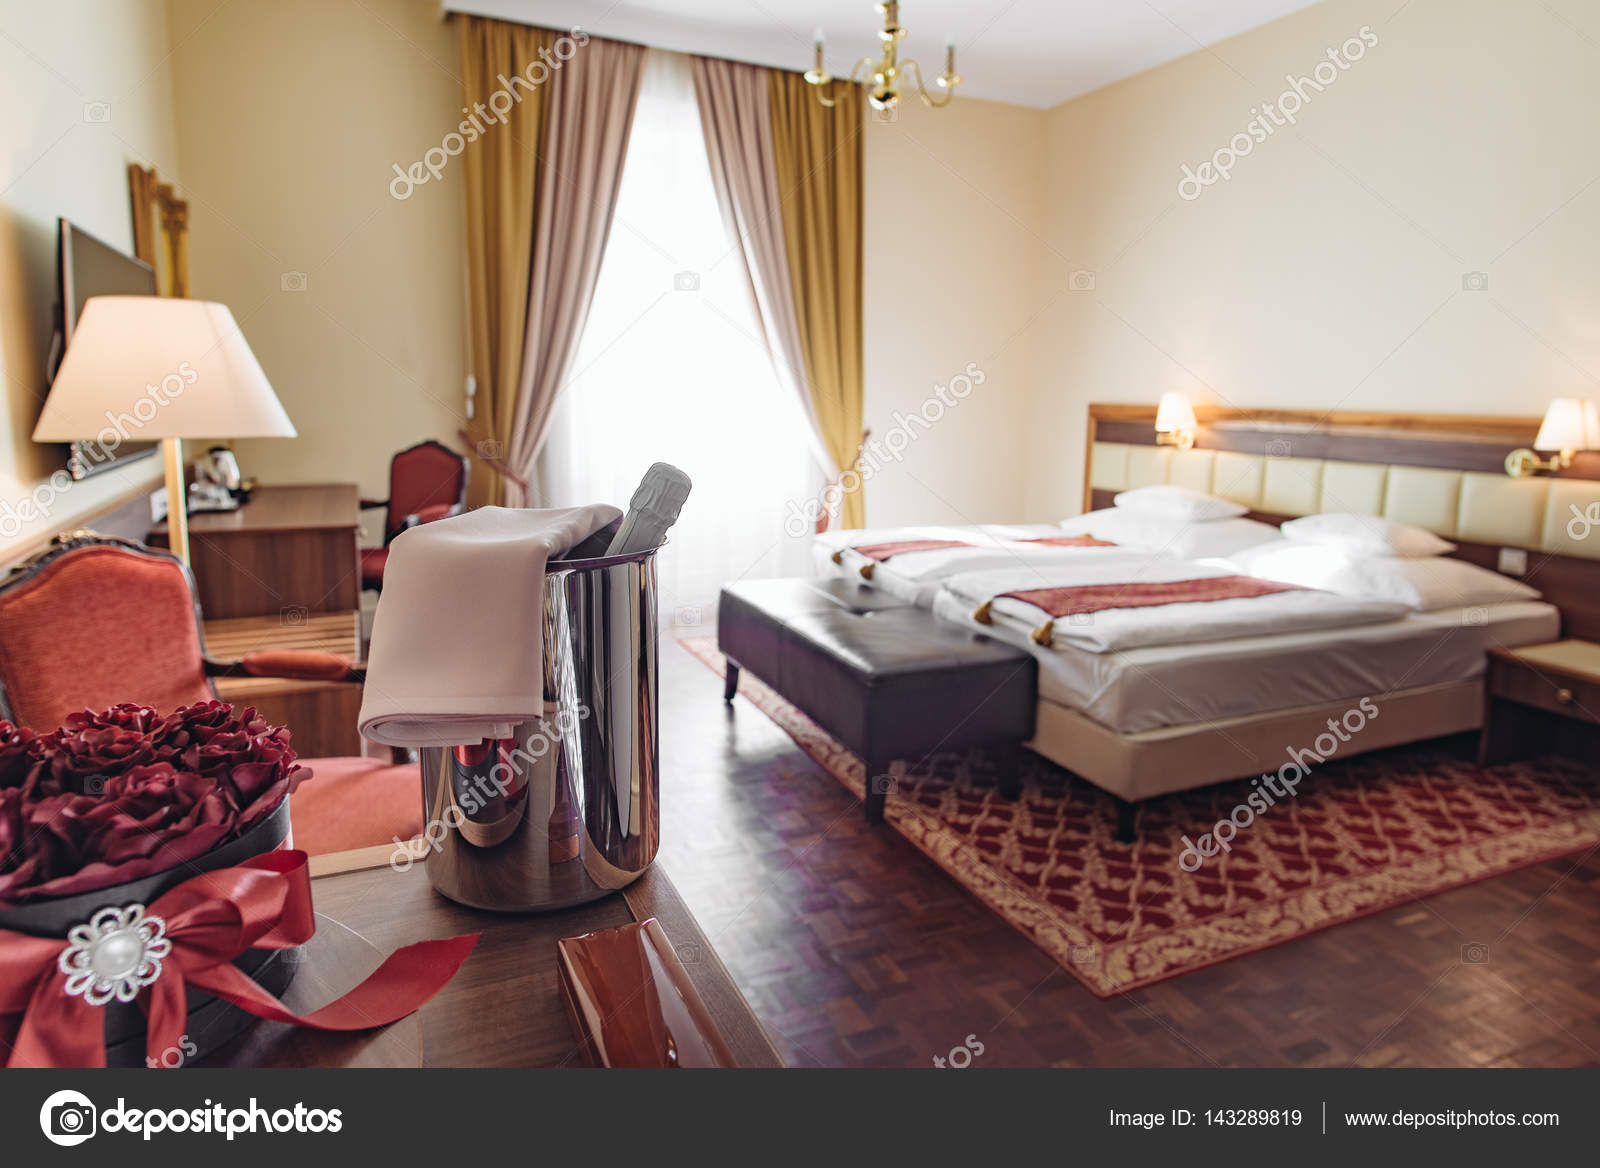 chambre d'hôtel élégant avec une décoration romantique et champagne